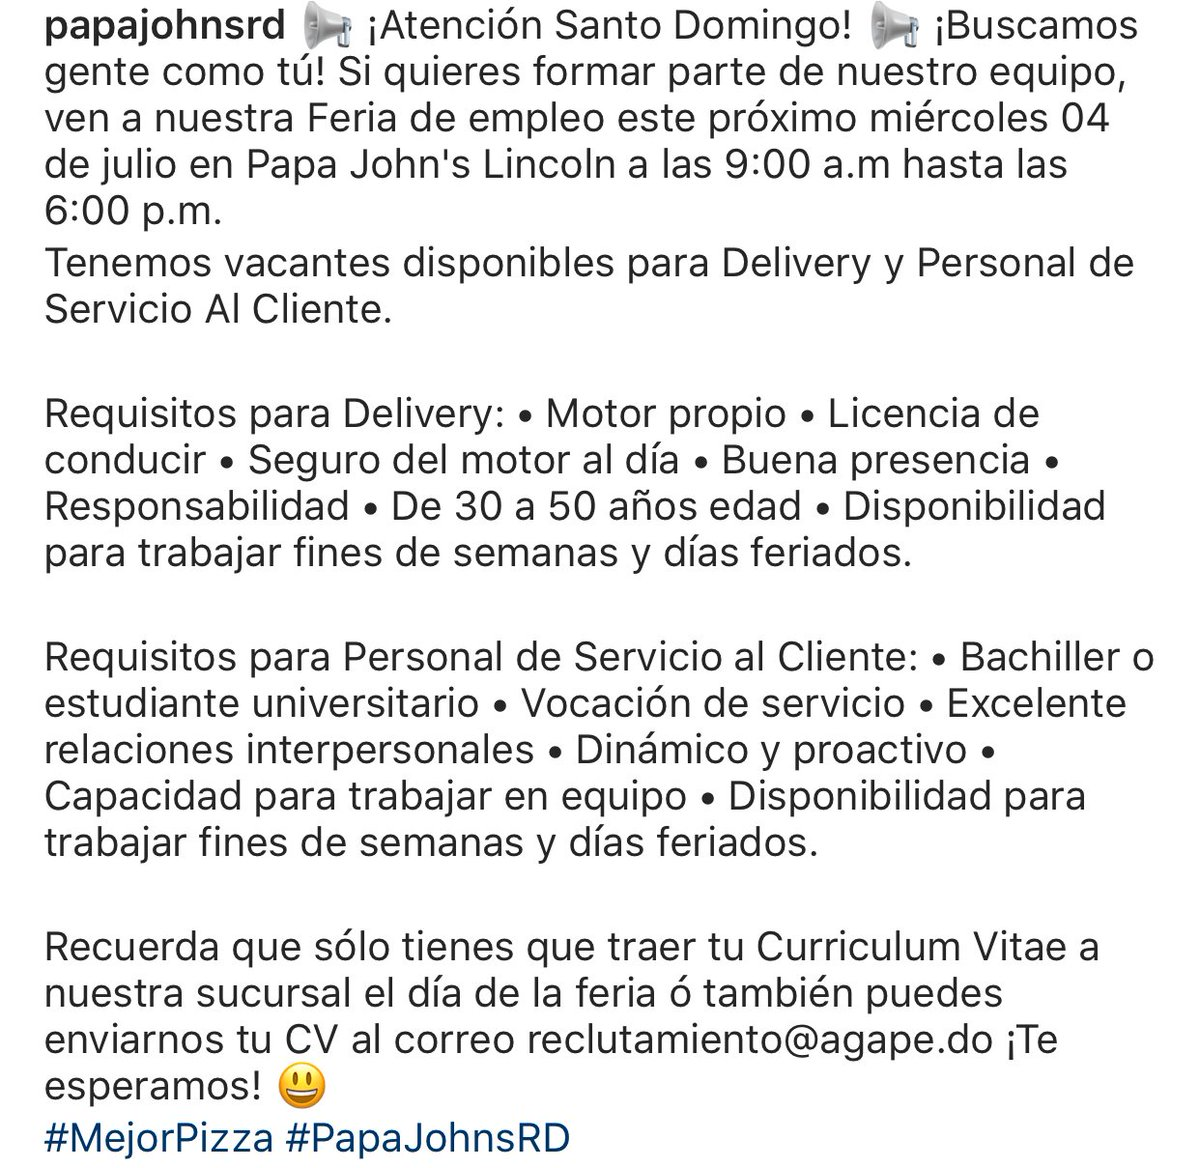 Dorable Reanudar Entrega De Pizza Colección de Imágenes - Ejemplo De ...